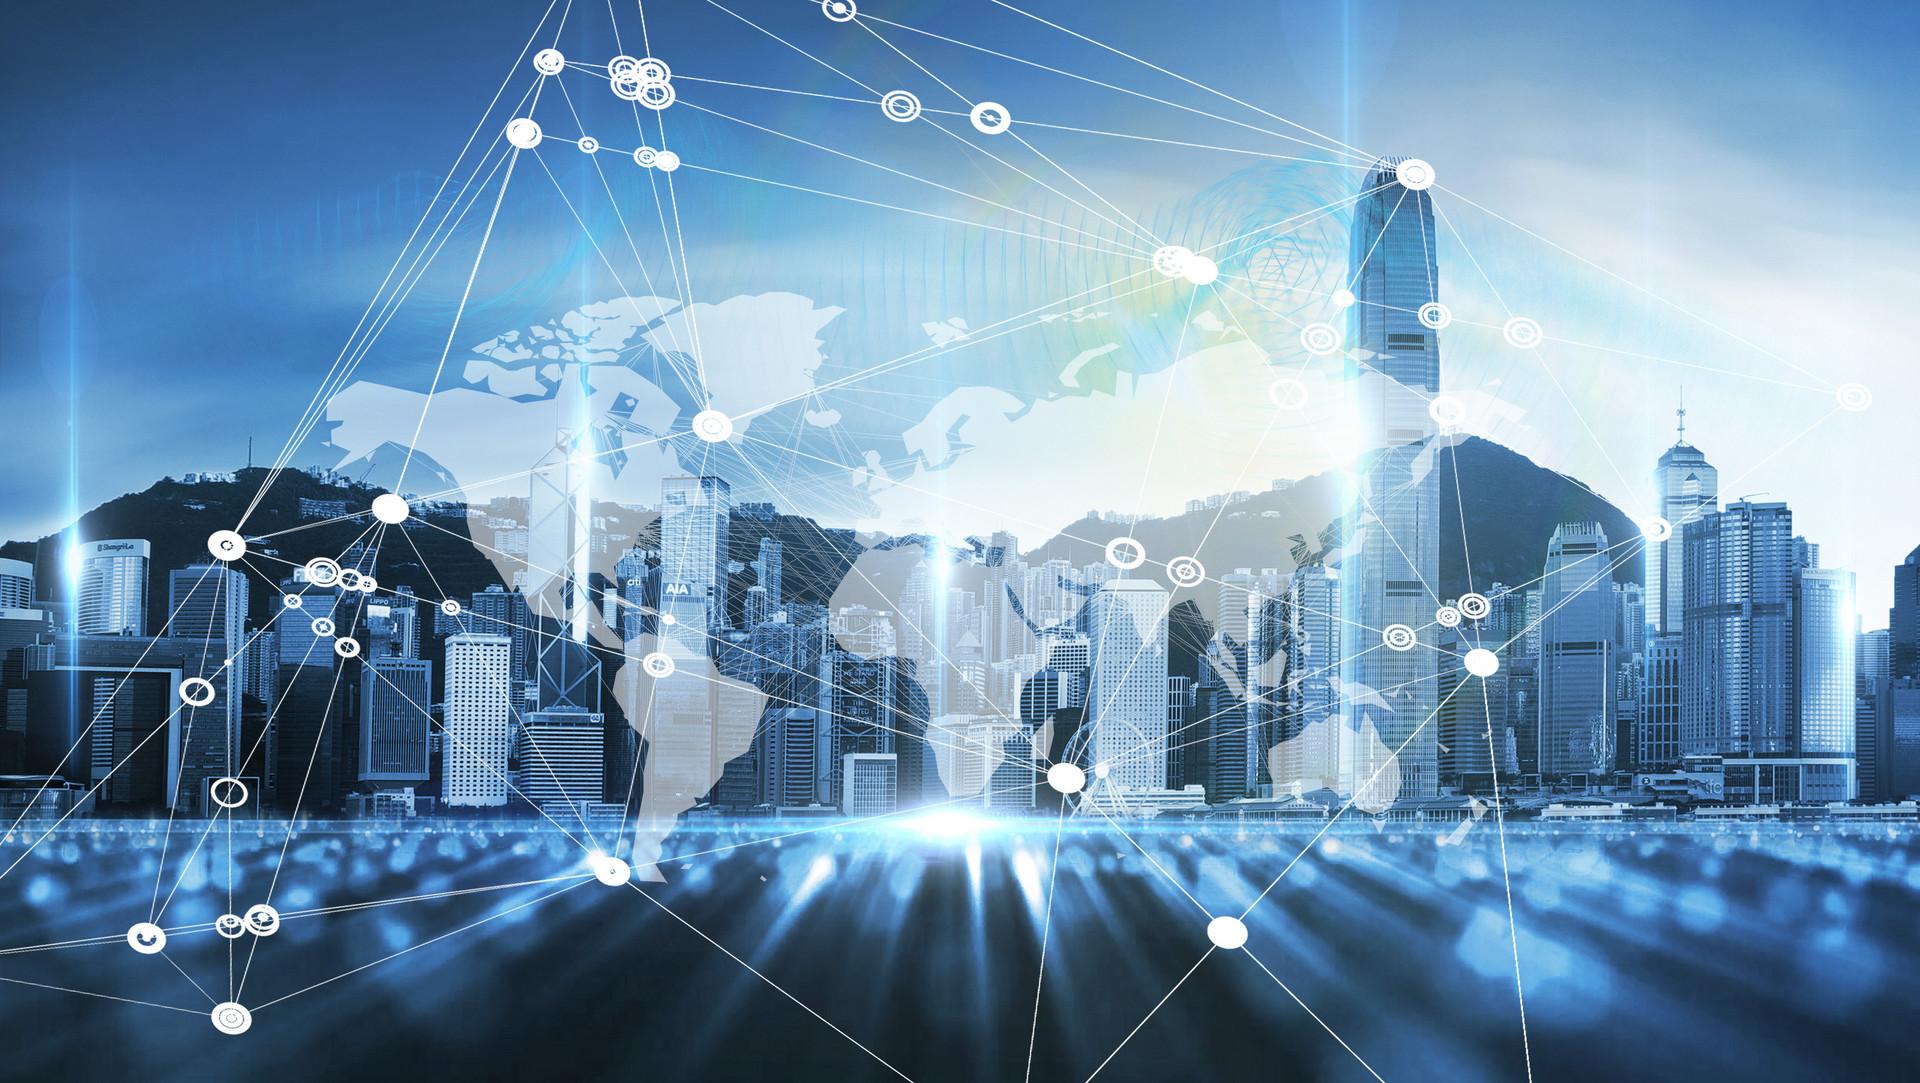 中国企业投资新布局推动全球供应链调整